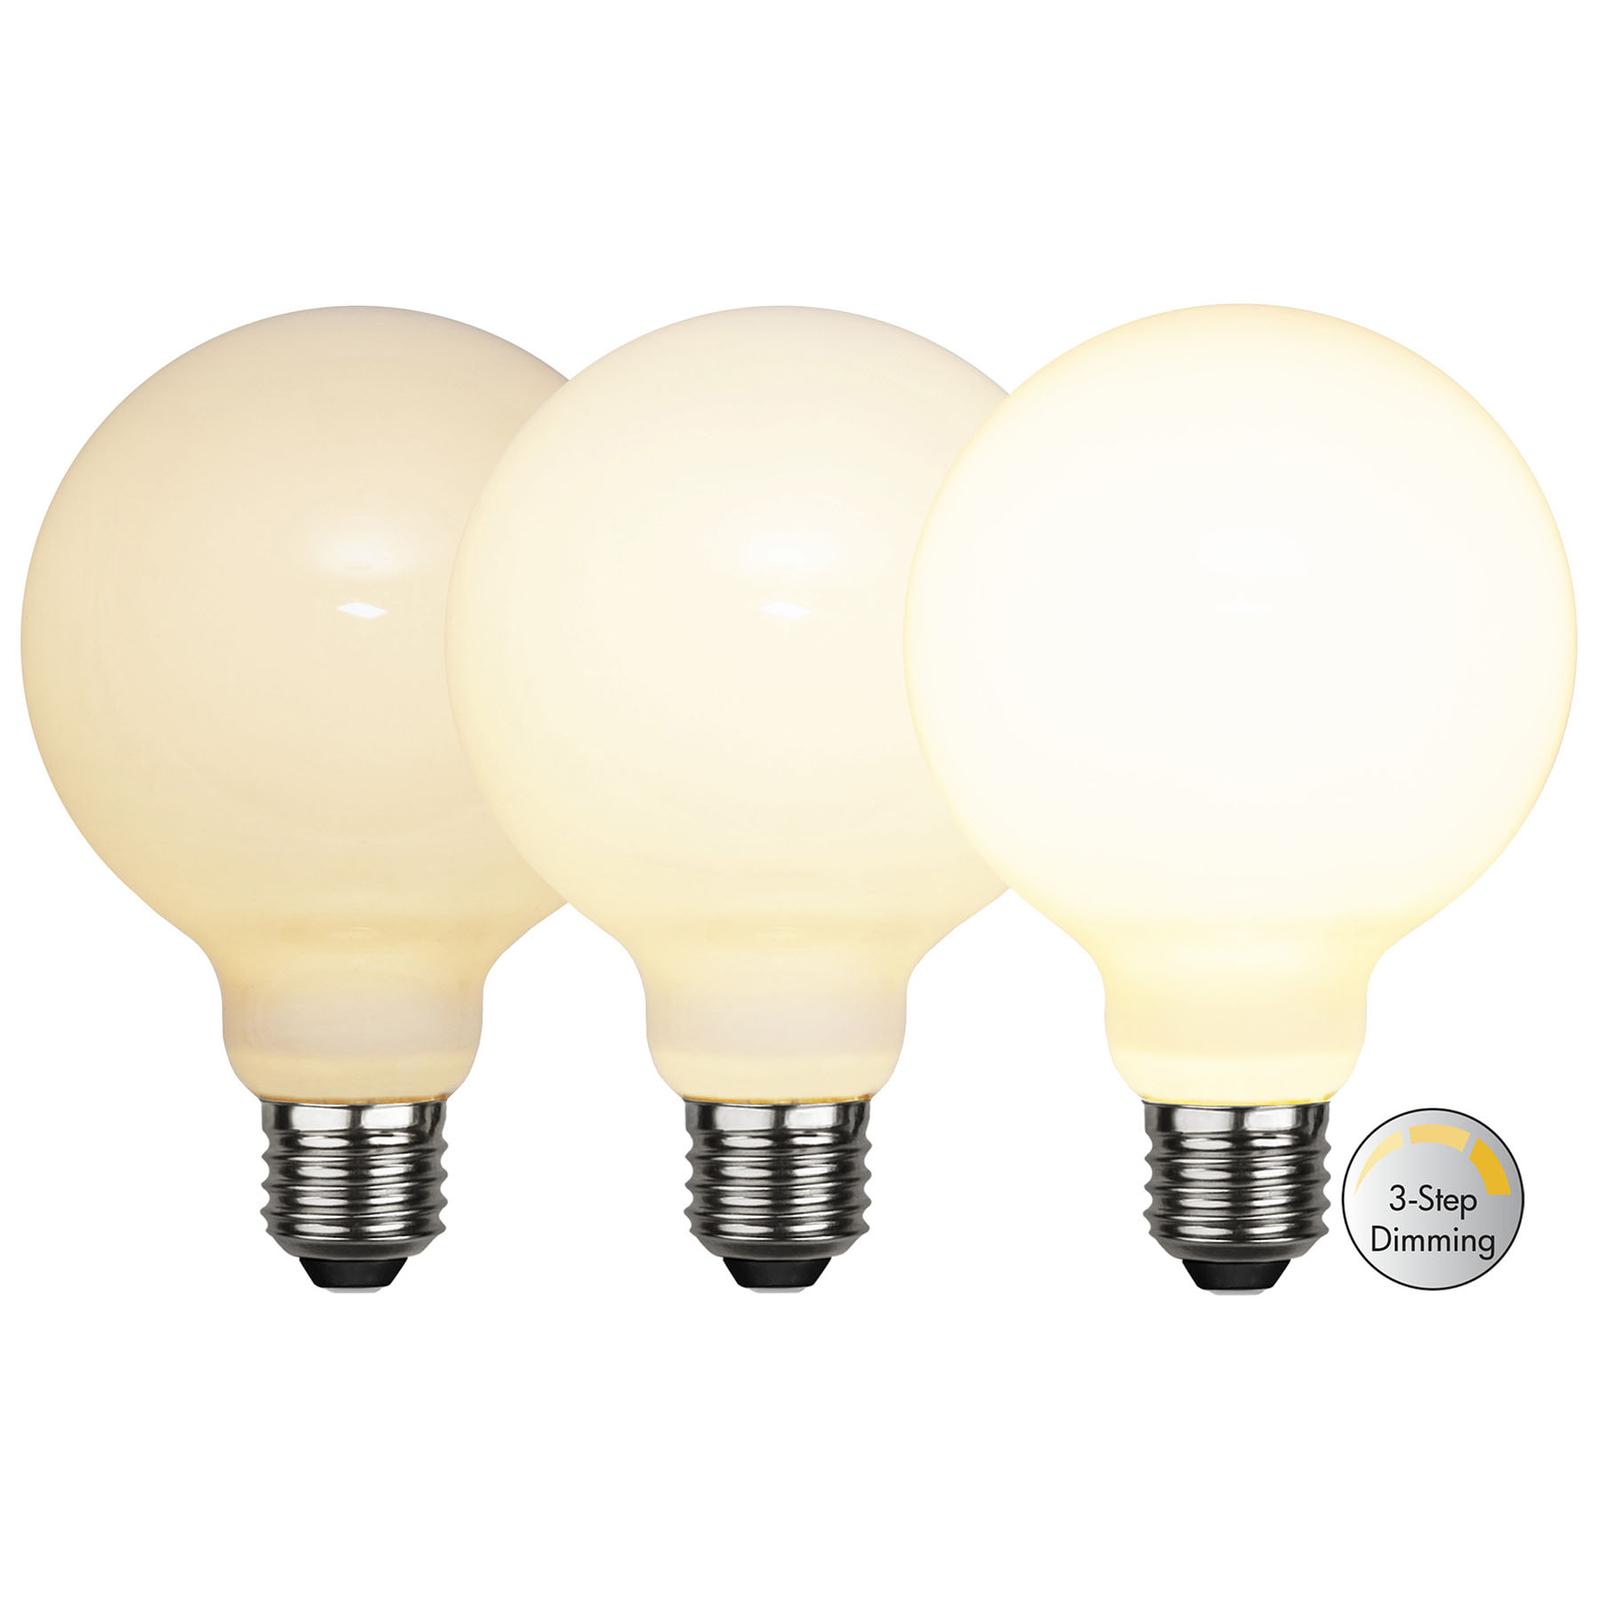 LED-Globelampe E27 G95 7,5W 3-step-dim, opal